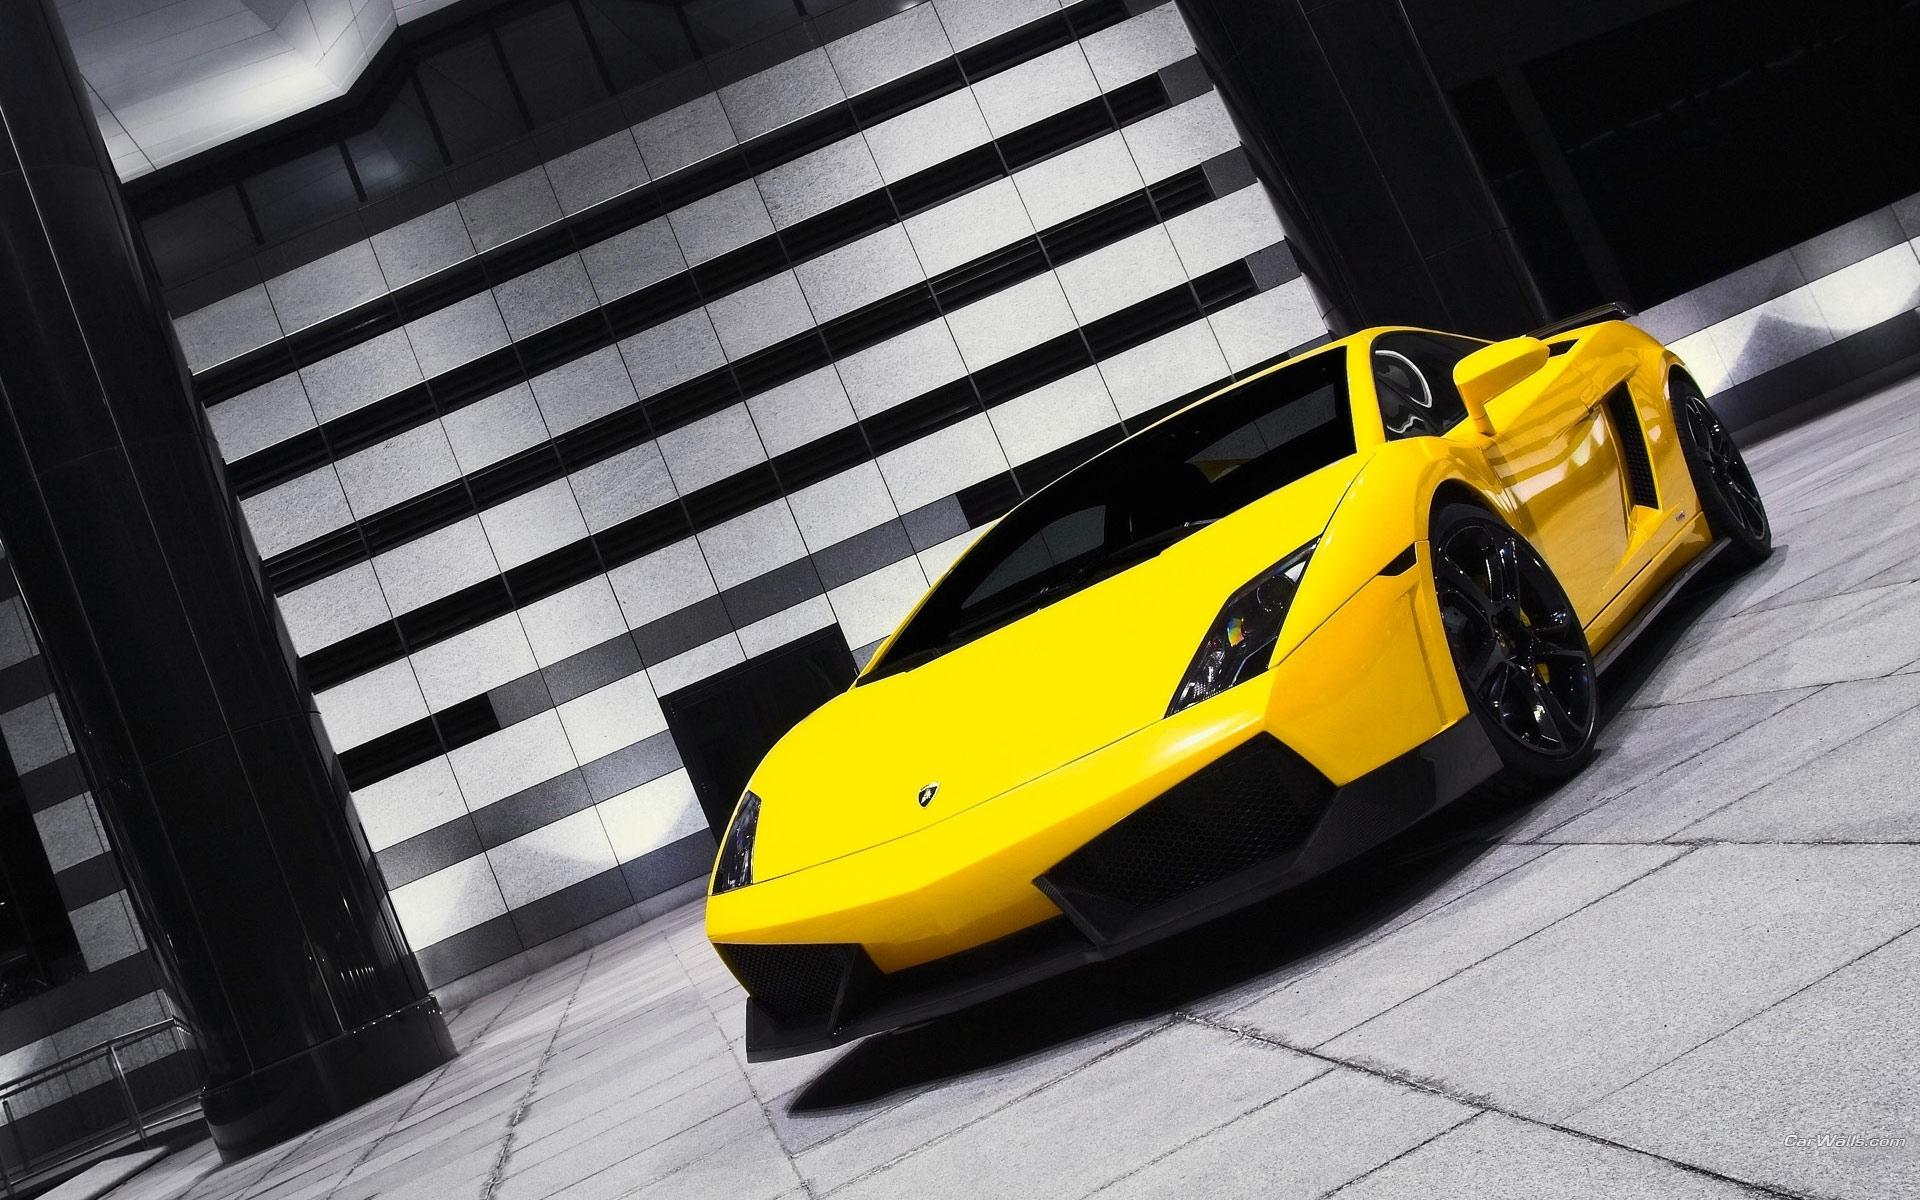 49751 скачать обои Транспорт, Машины, Ламборджини (Lamborghini) - заставки и картинки бесплатно